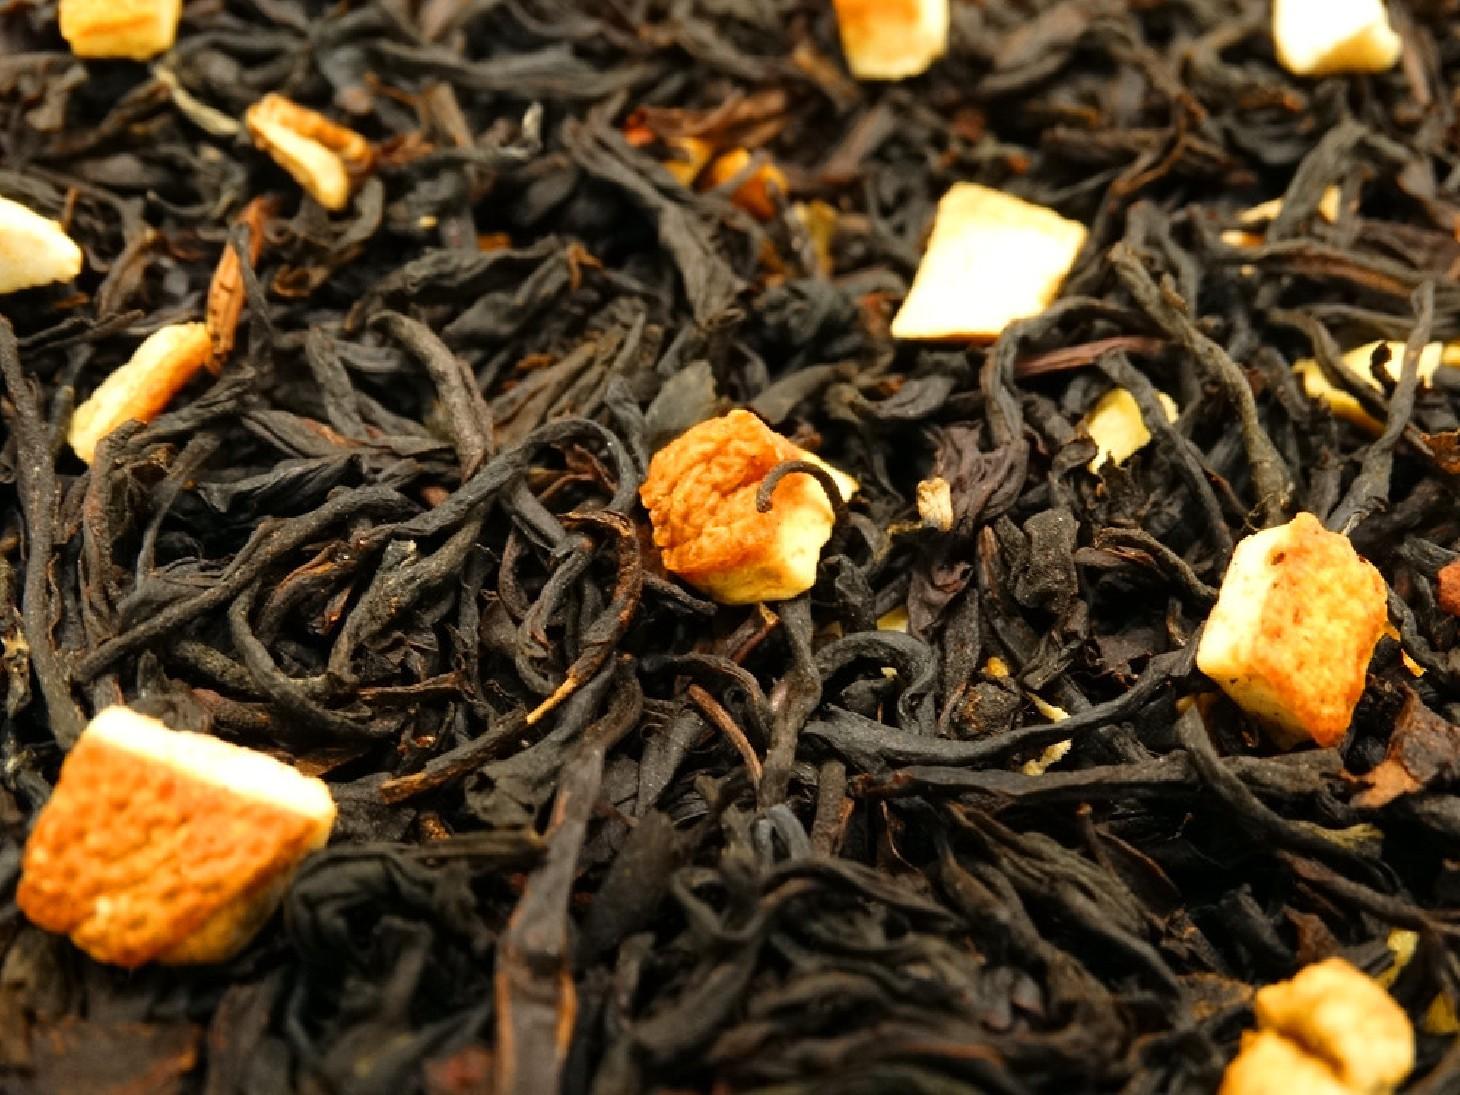 Black tea with lemon peels